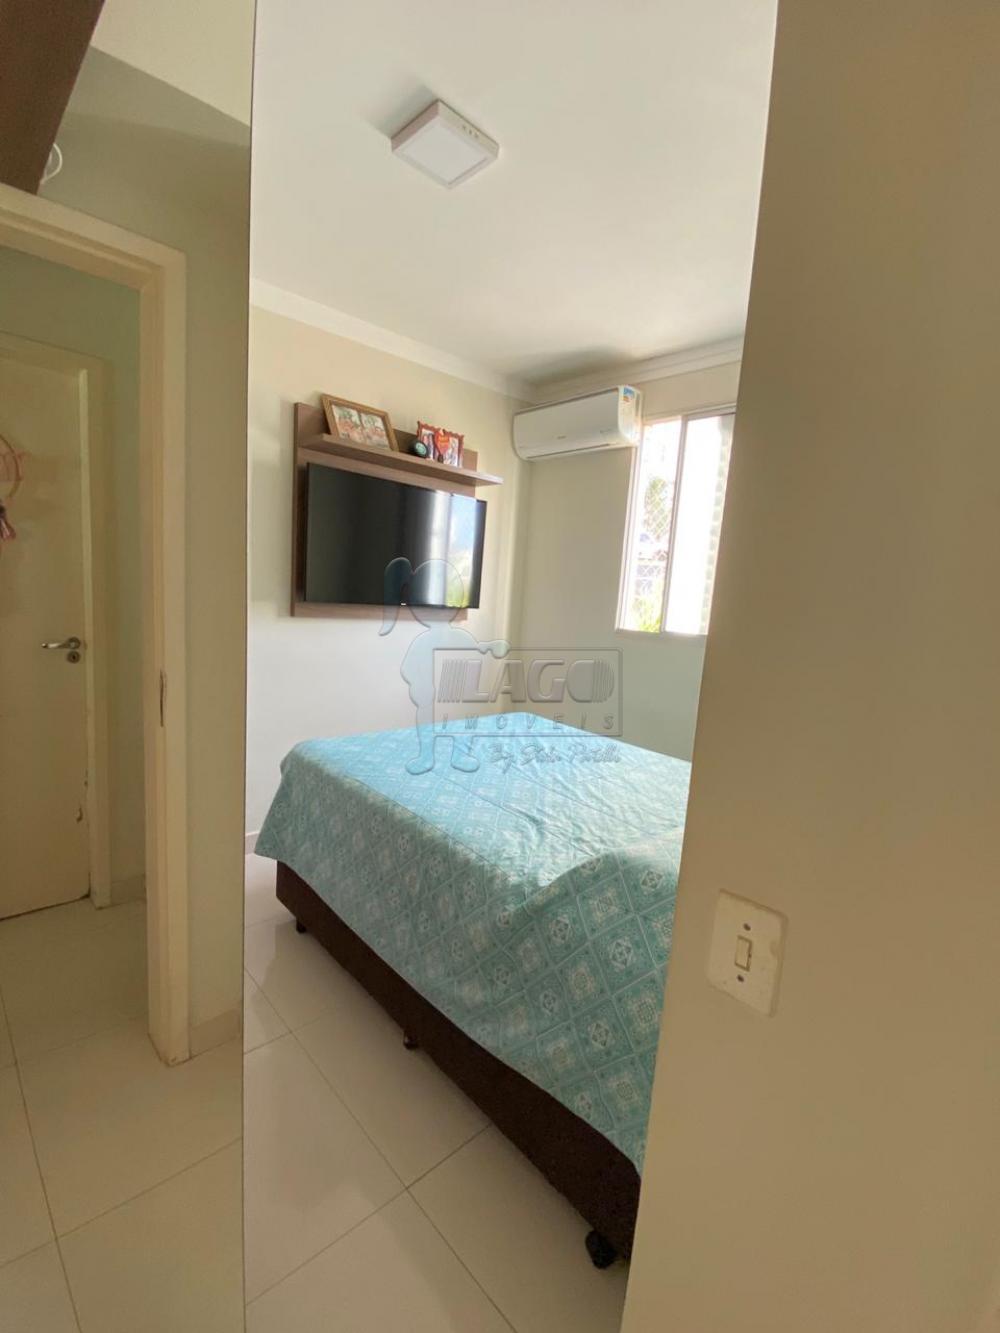 Comprar Apartamento / Padrão em Ribeirao Preto apenas R$ 212.000,00 - Foto 12